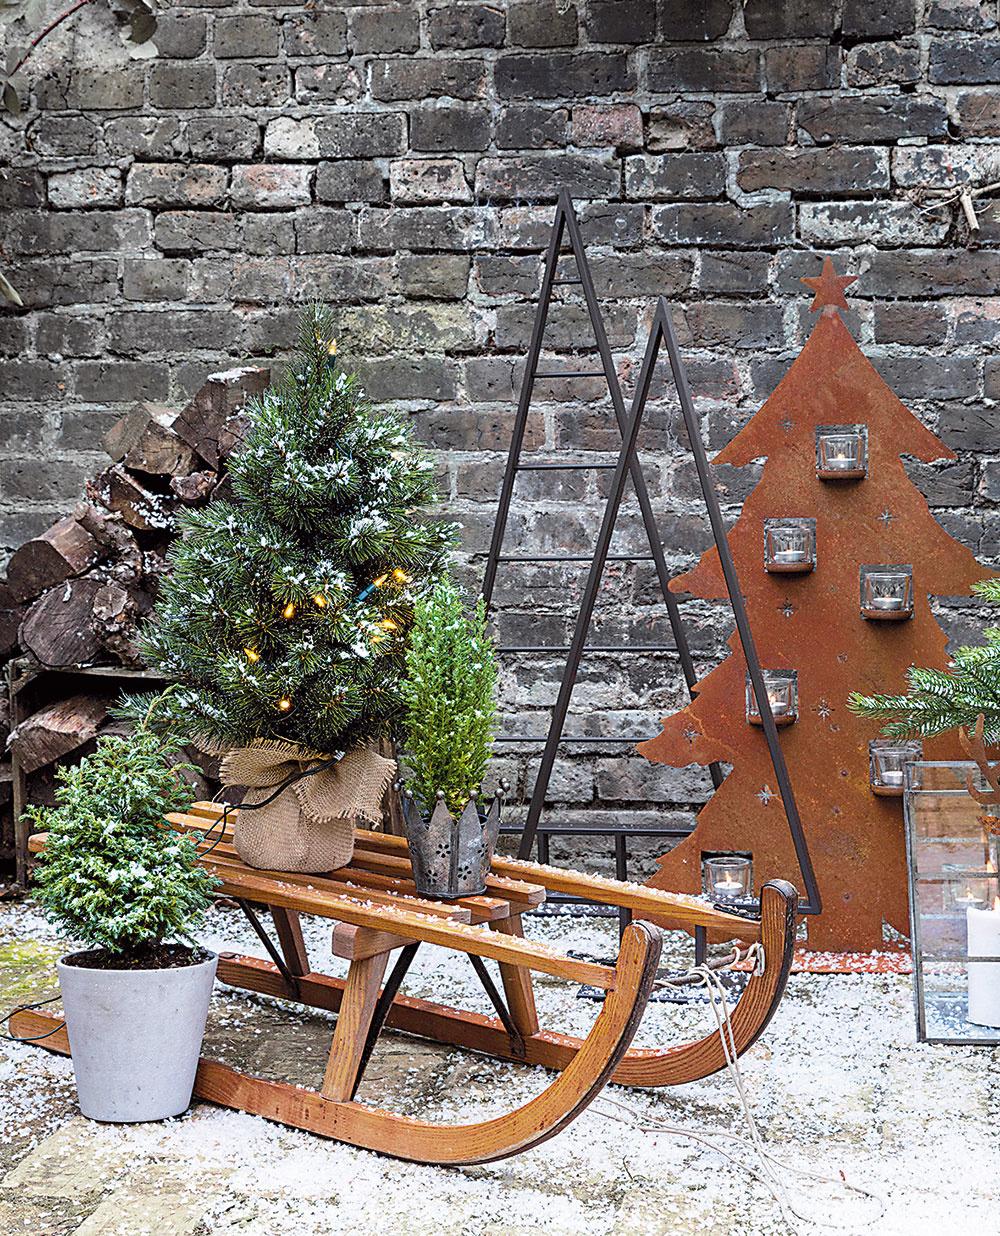 Skupinky dekorácií skombinované so živými rastlinami možno umiestniť kdekoľvek kdomu, na terasu ido zimnej záhrady. Využiť sa dajú sánky, narúbané drevo, lampáše istaré korčule na ľad.